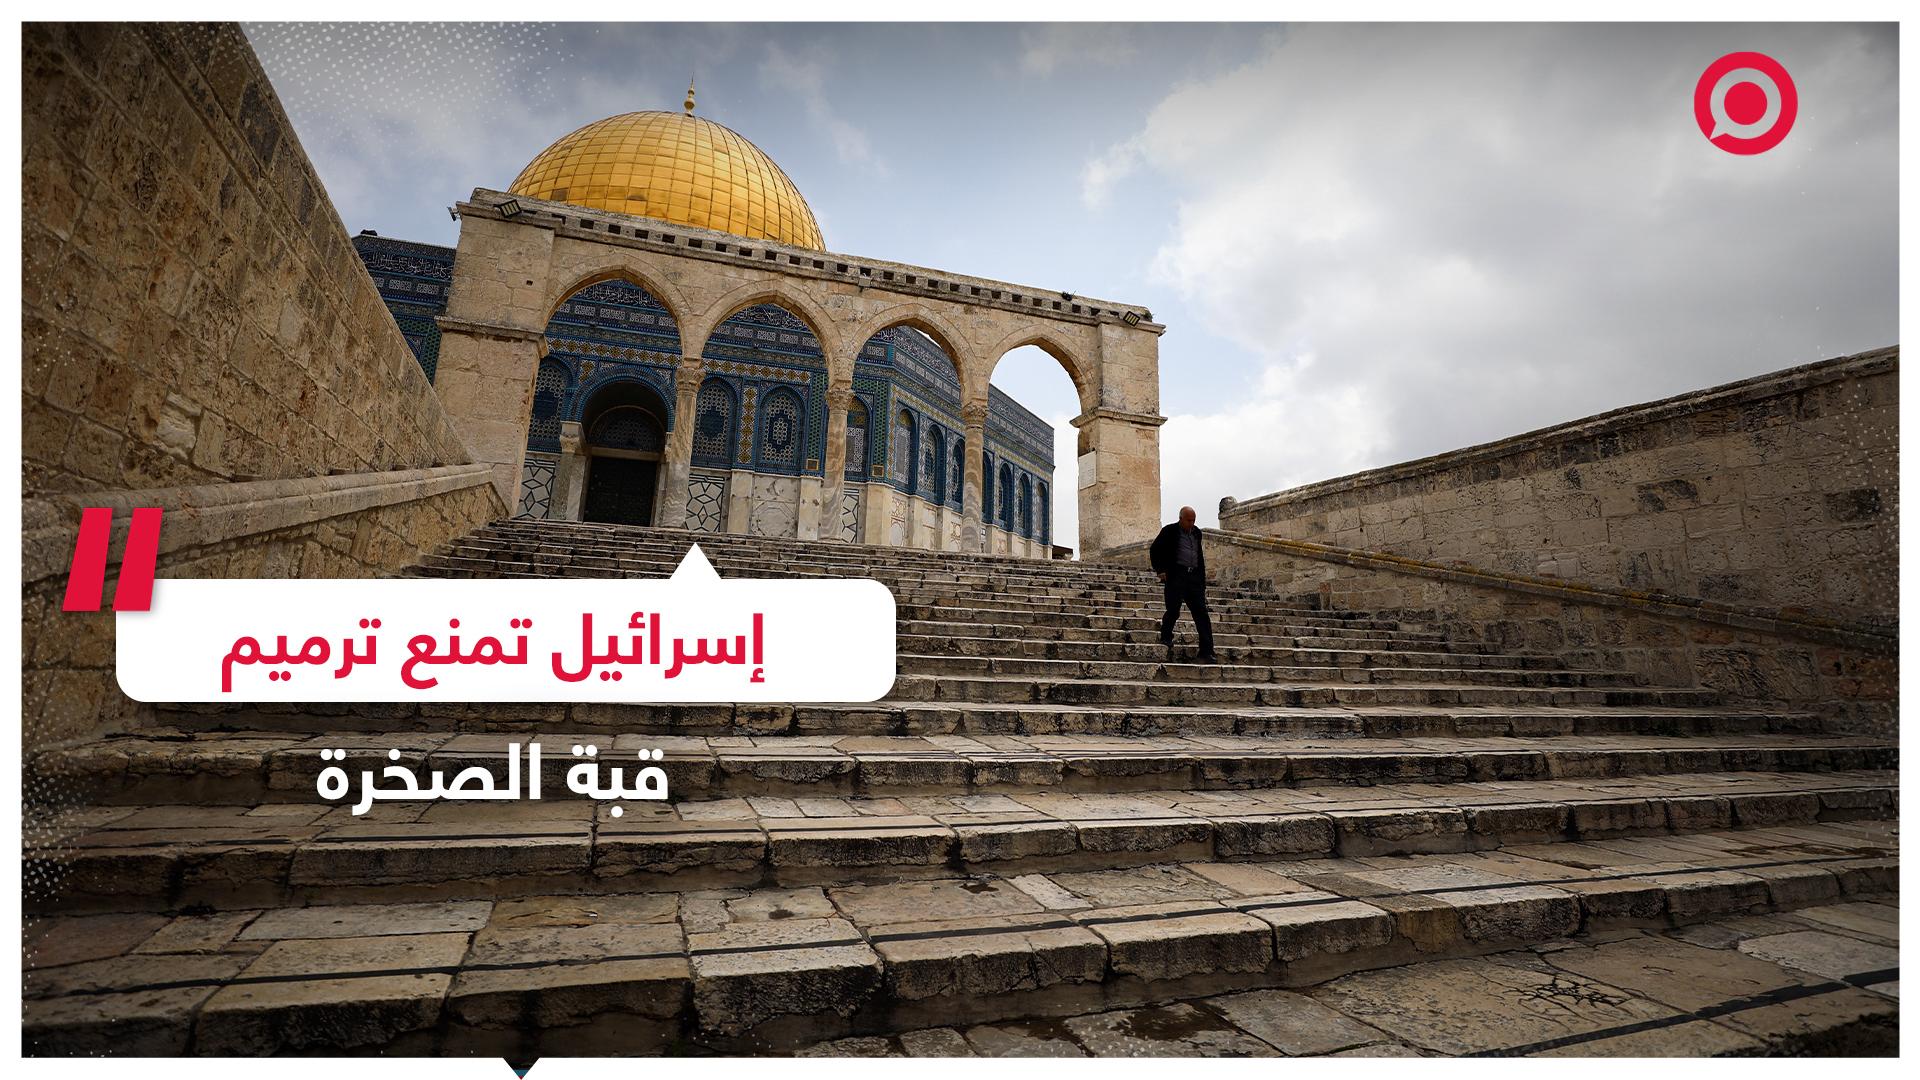 القوات الإسرائيلية تمنع استكمال أعمال ترميم في قبة الصخرة